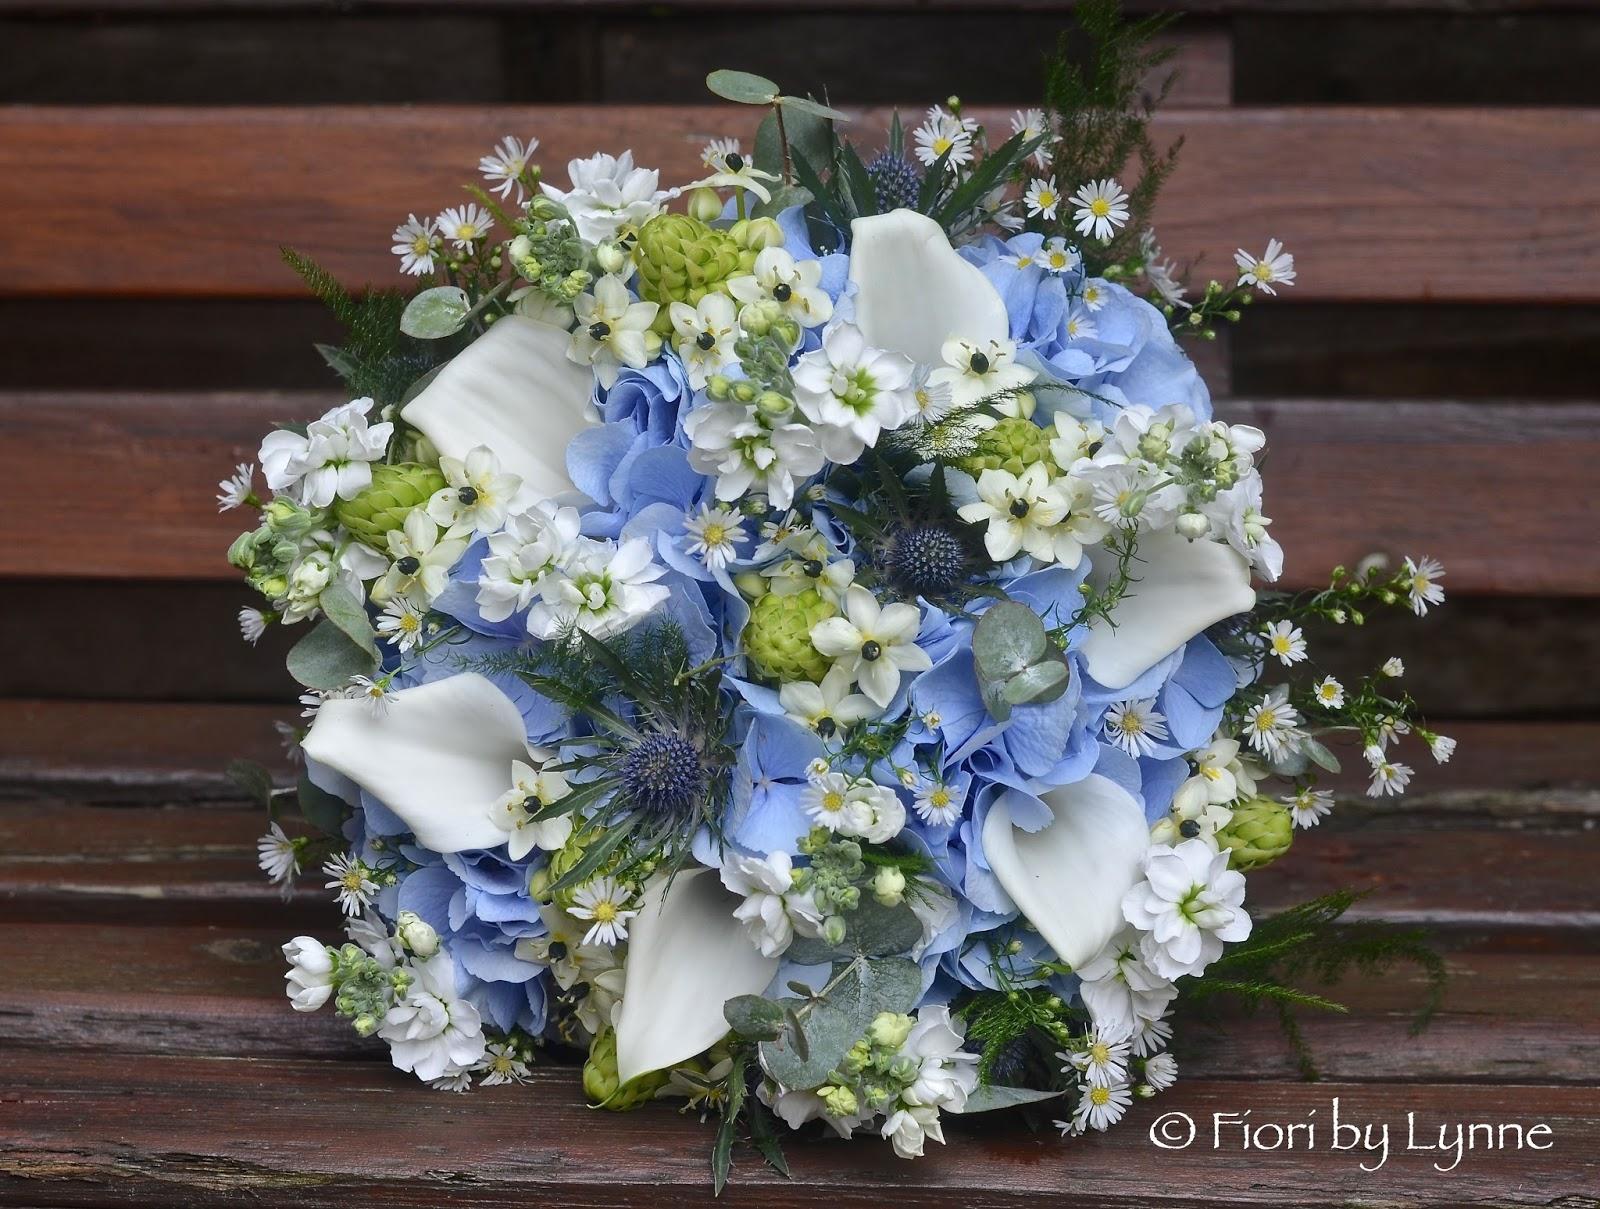 Wedding Flowers Blog: September 2015